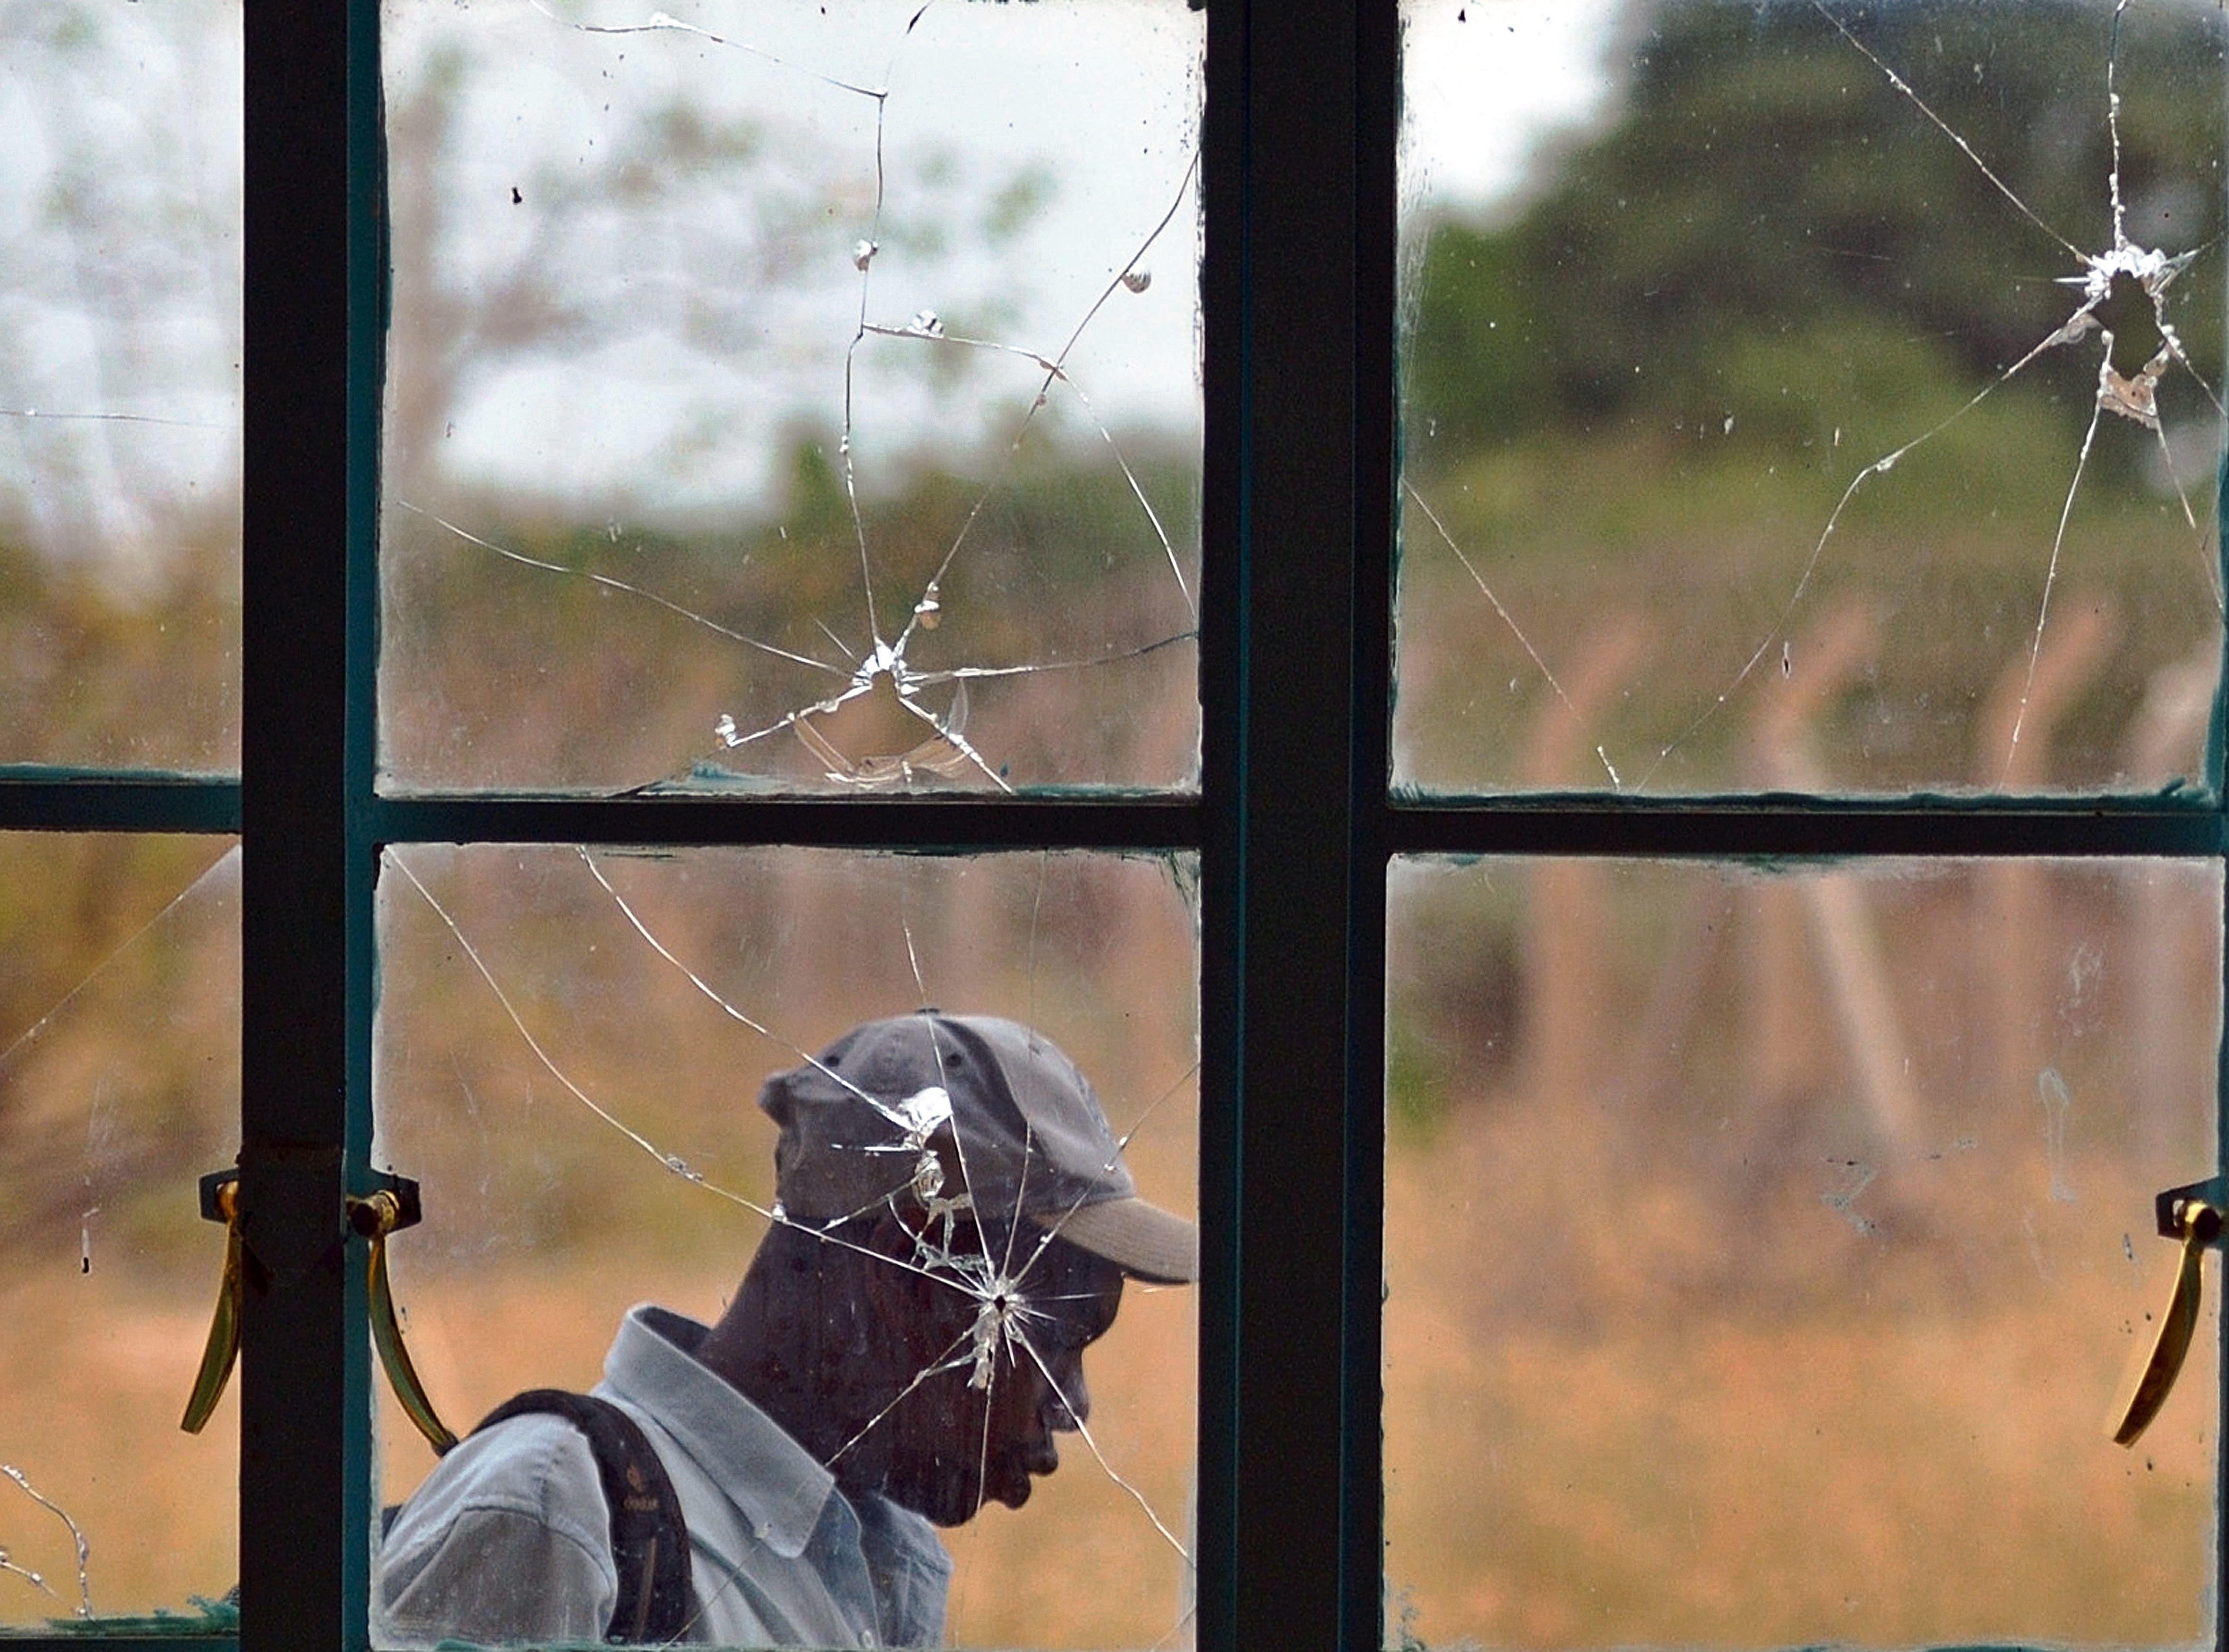 Απαγωγή Ιταλίδας στην Κένυα κατά τη διάρκεια ένοπλης επίθεσης με τραυματίες